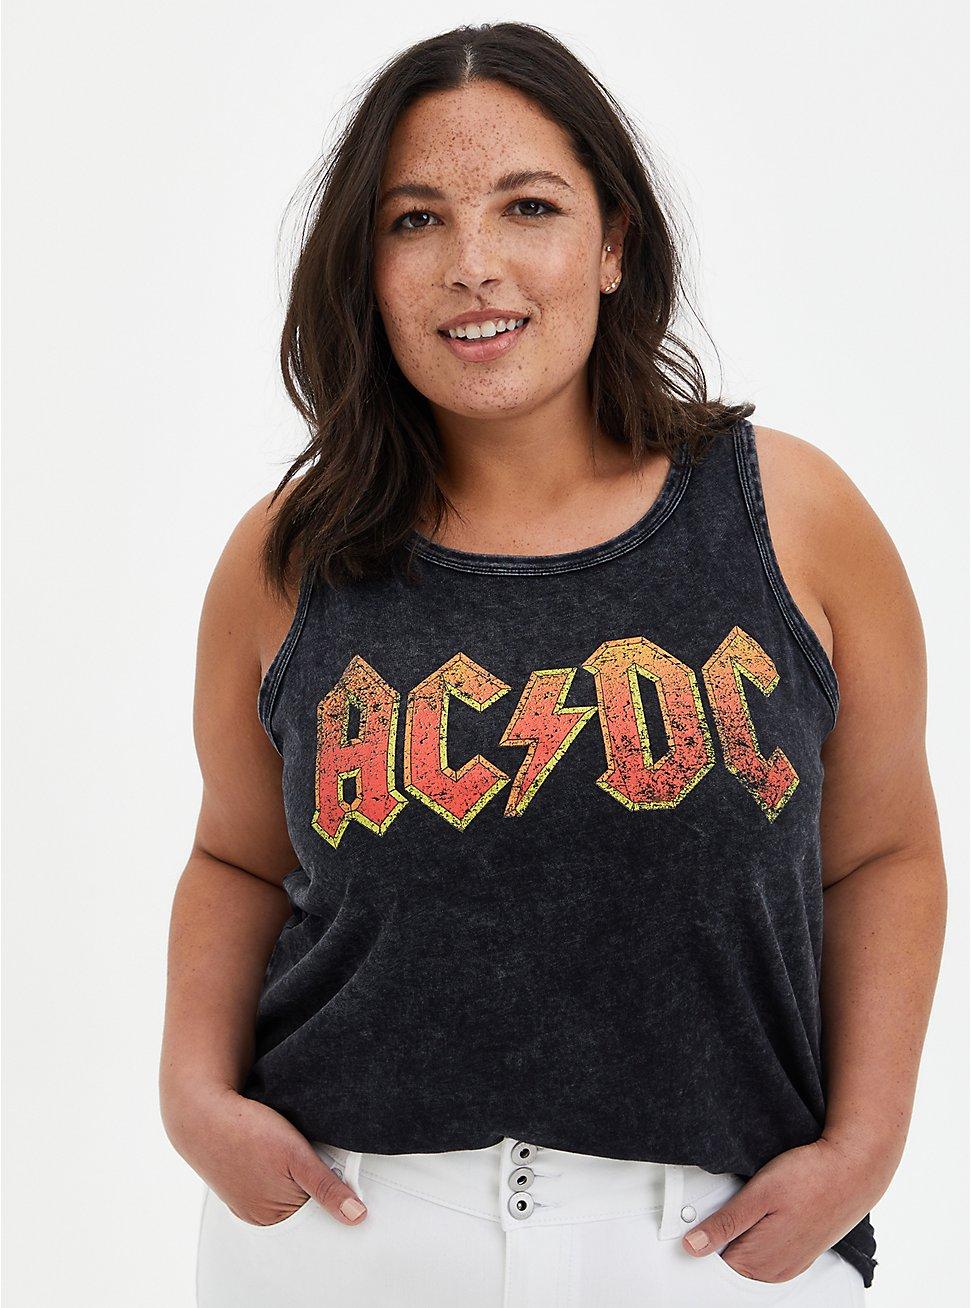 Classic Fit - AC/DC Black Wash Tank, DEEP BLACK, hi-res